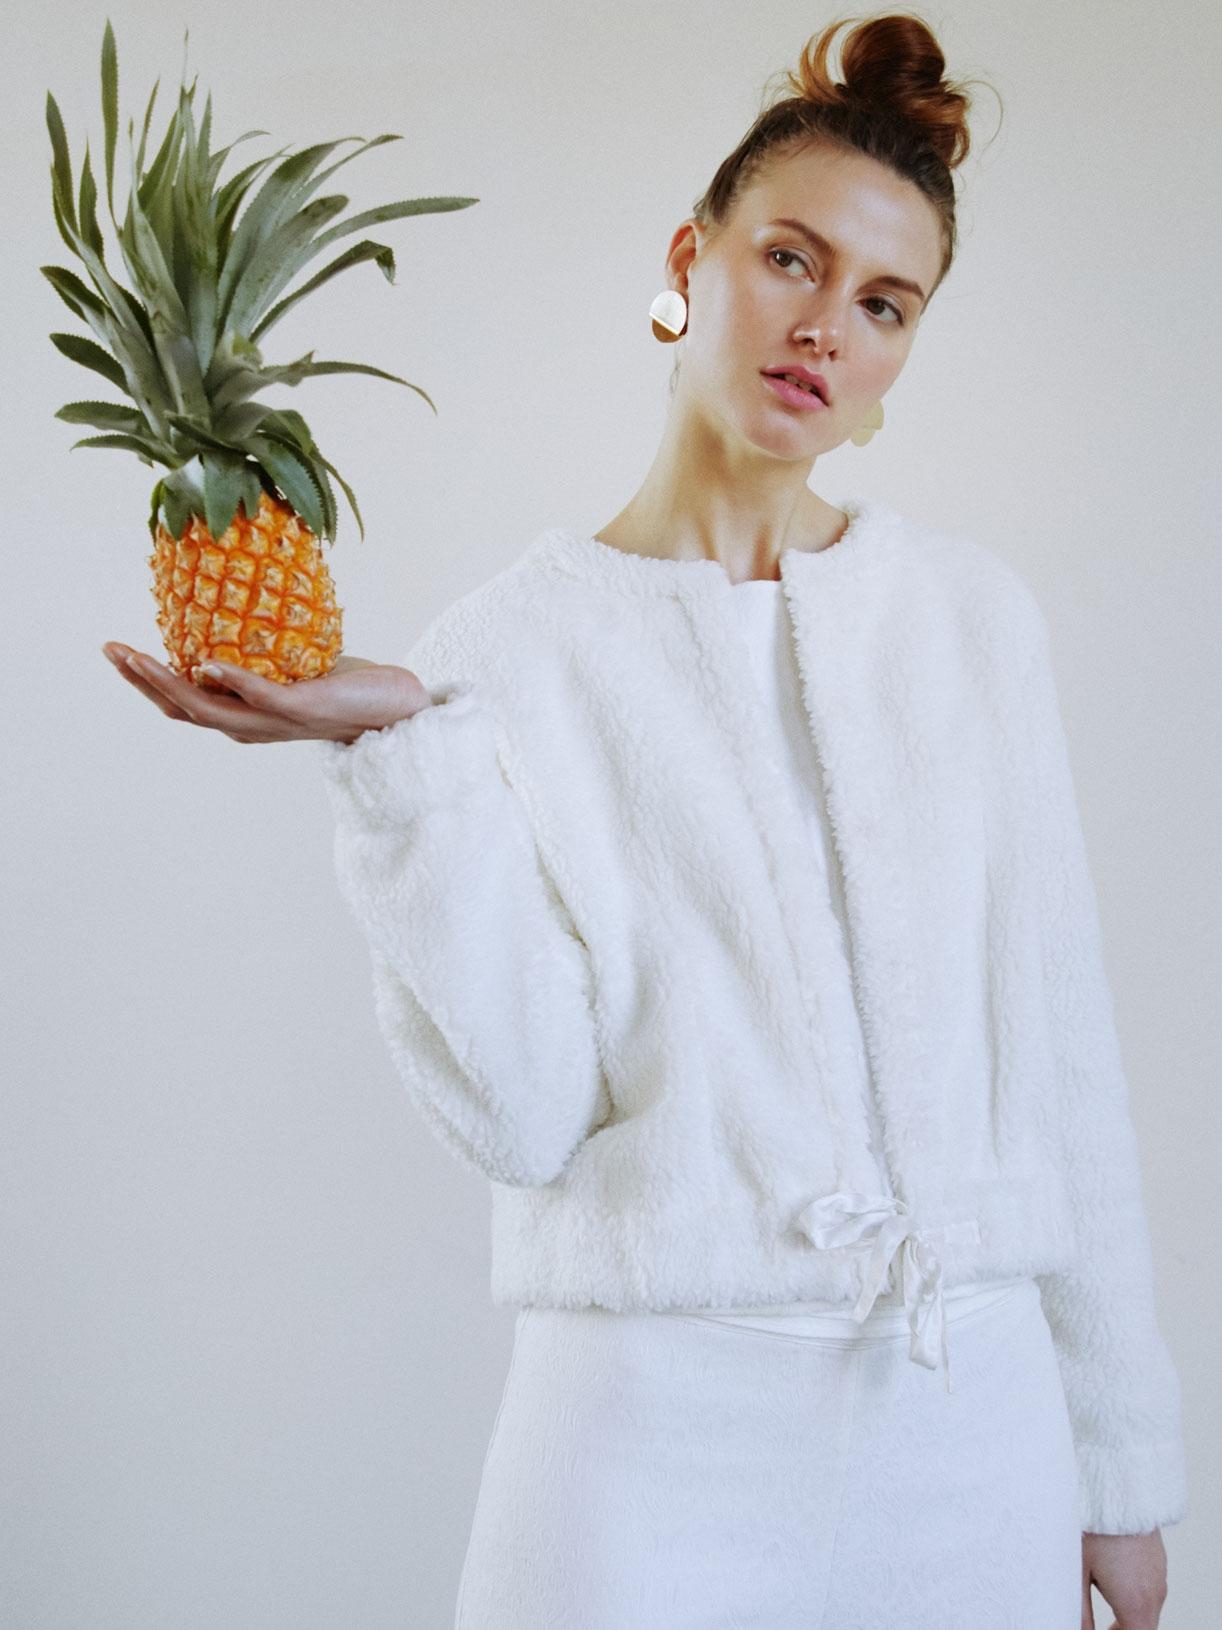 ROSA - Blouson veste de mariée en fourrure pour mariage en automne-hiver - Créatrice de robes de mariée sur-mesure éthique et bio sur Paris - Myphilosophy